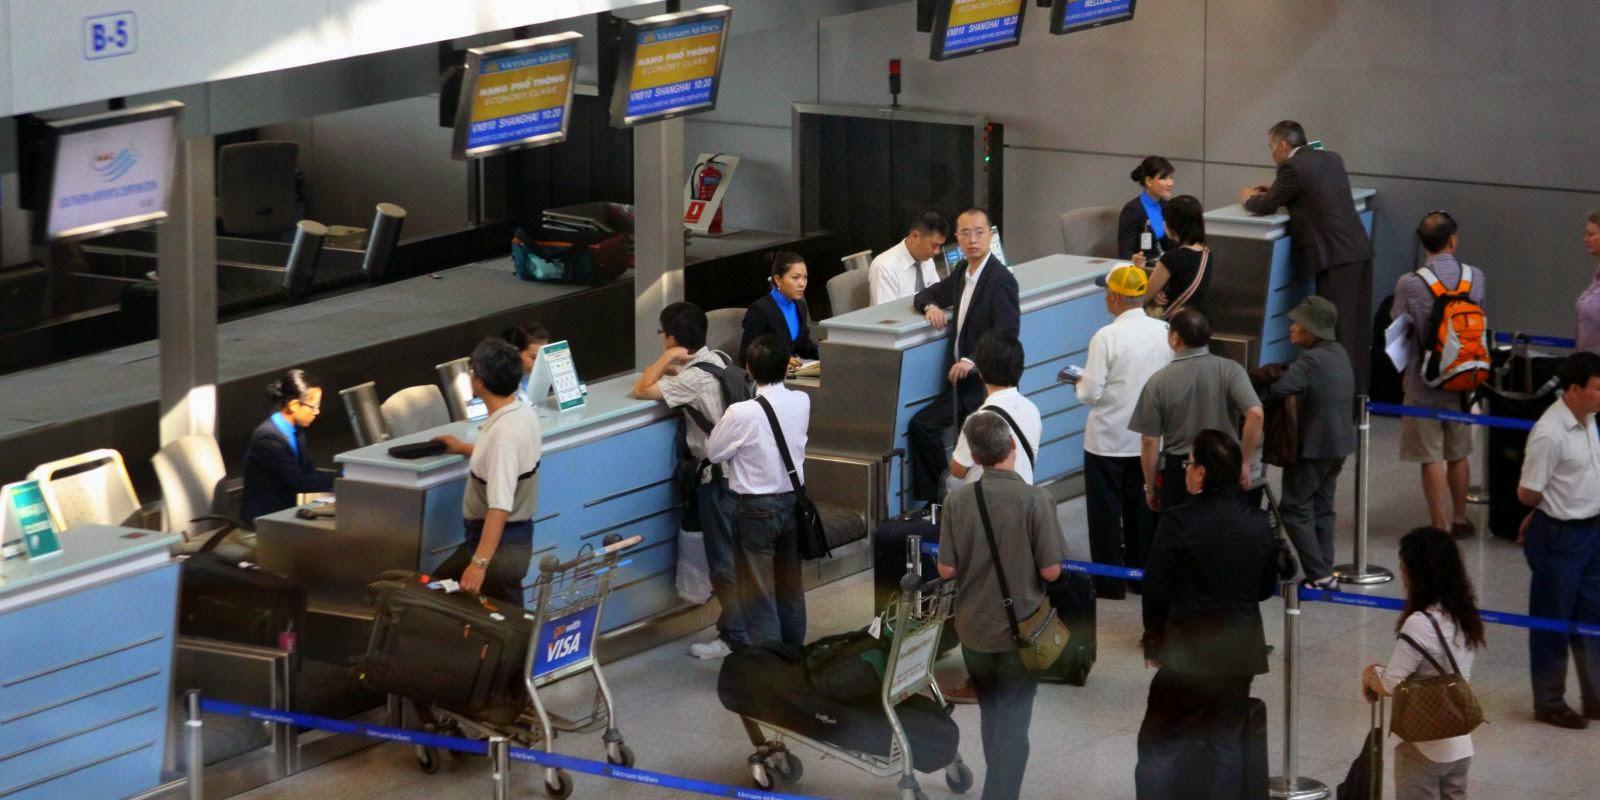 Quy trình làm thủ tục tại sân bay Việt - Nhật cần lưu ý những gì?